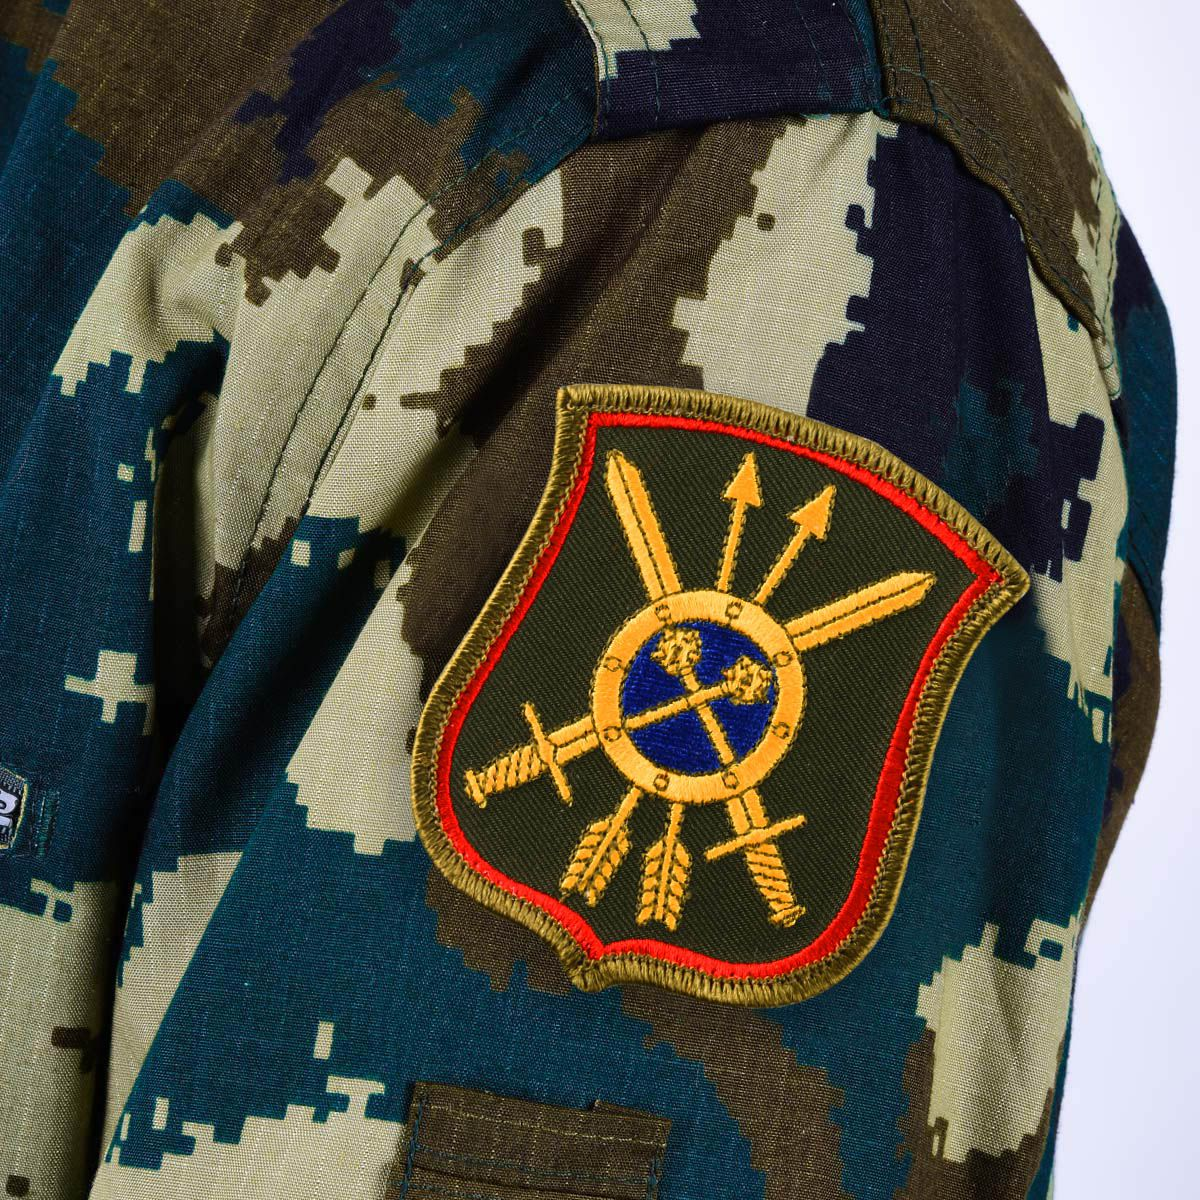 Шеврон военнослужащего 39-ой ракетной дивизии РВСН